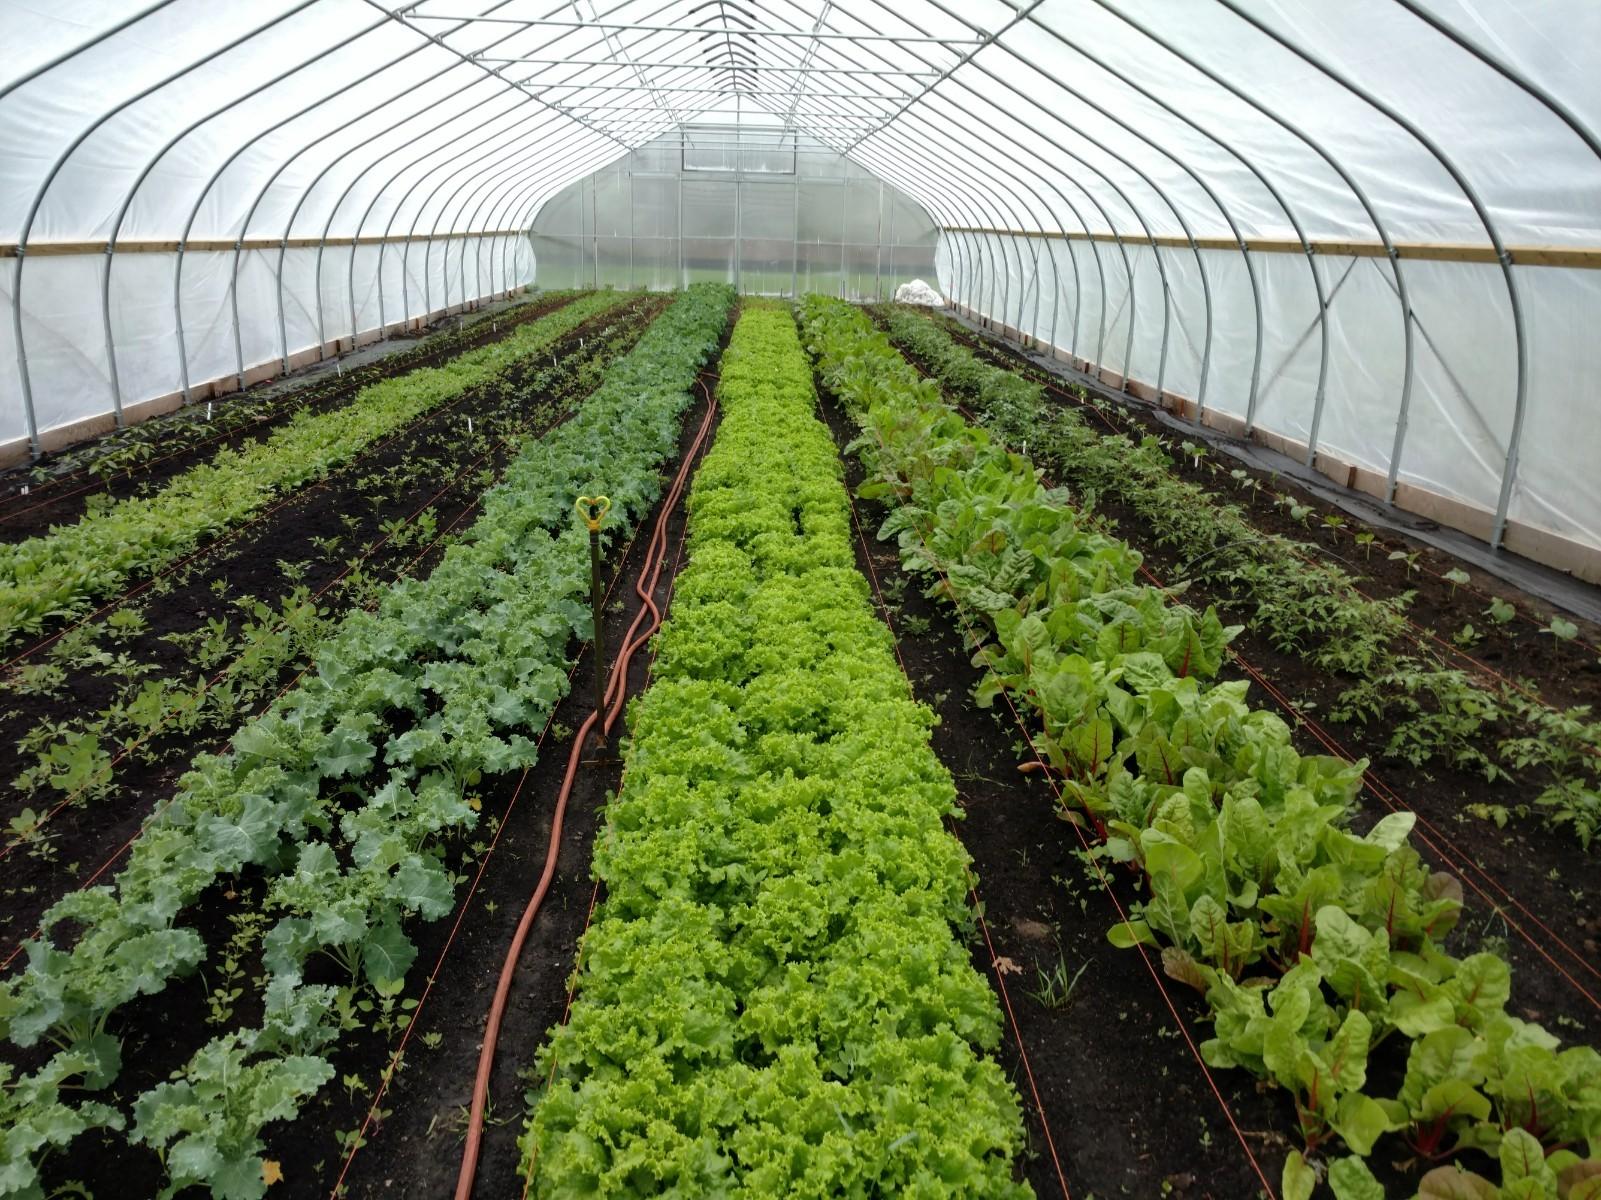 Hoop house vegs growing